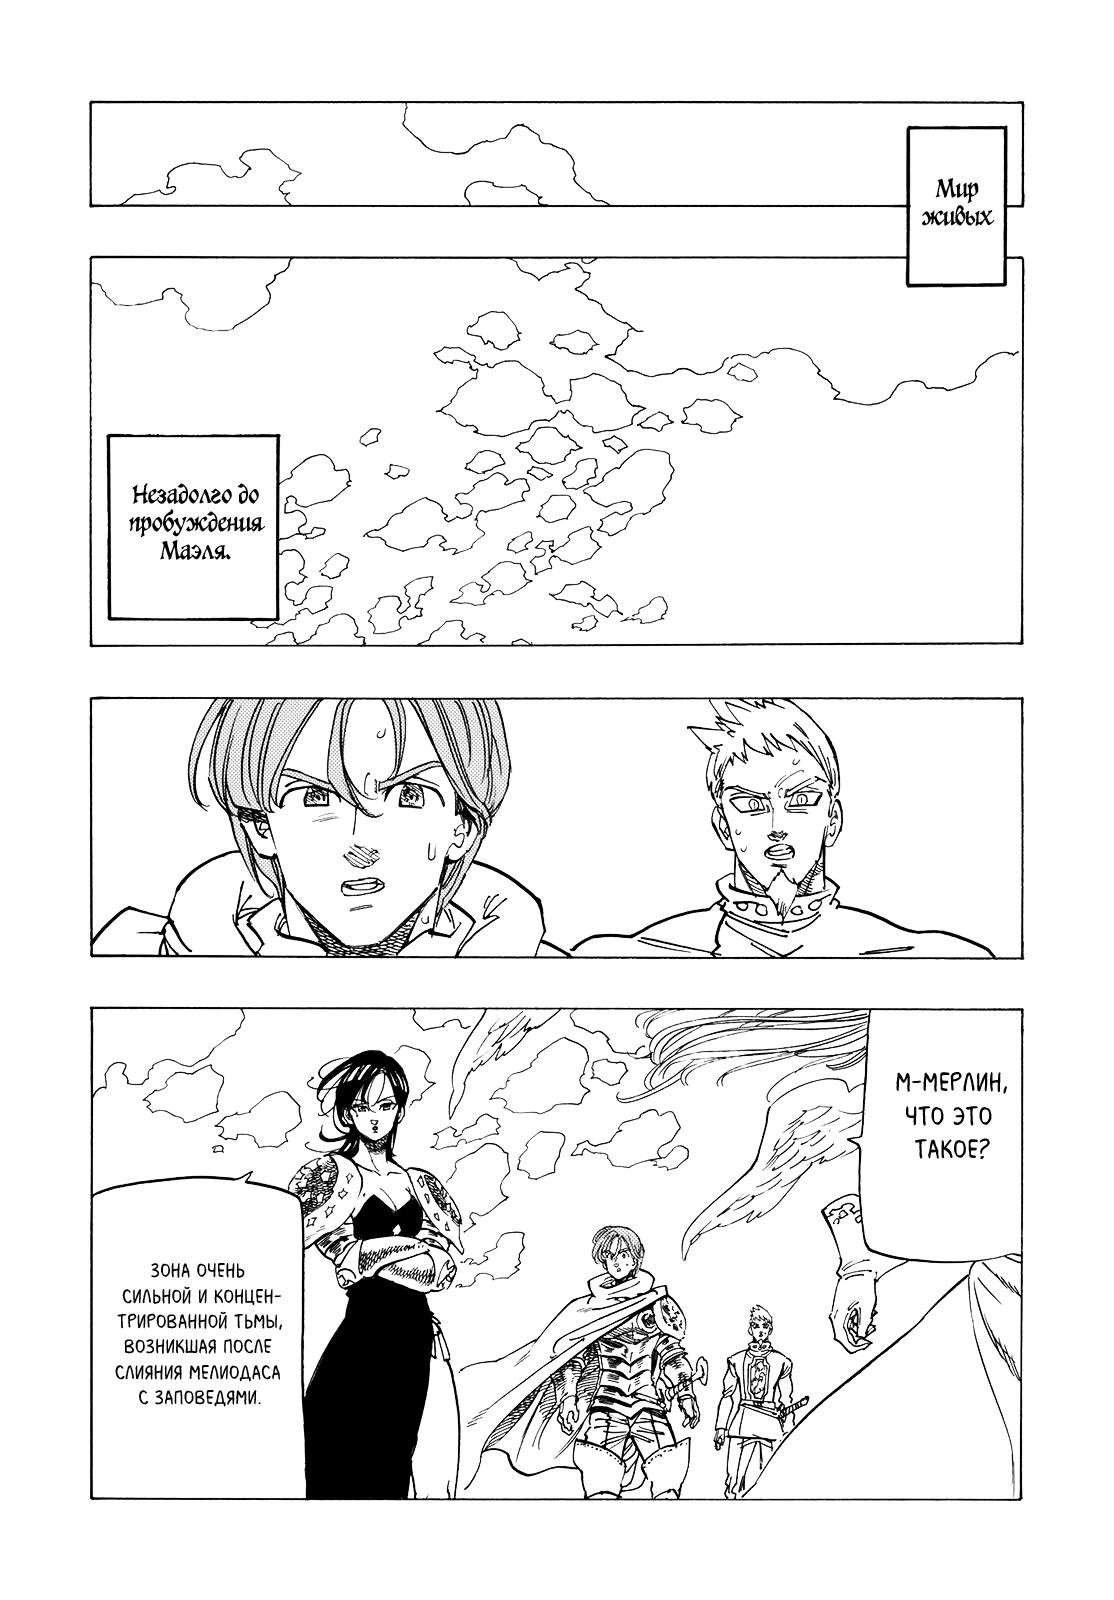 https://r1.ninemanga.com/comics/pic2/29/22109/1111022/1540416549824.png Page 10